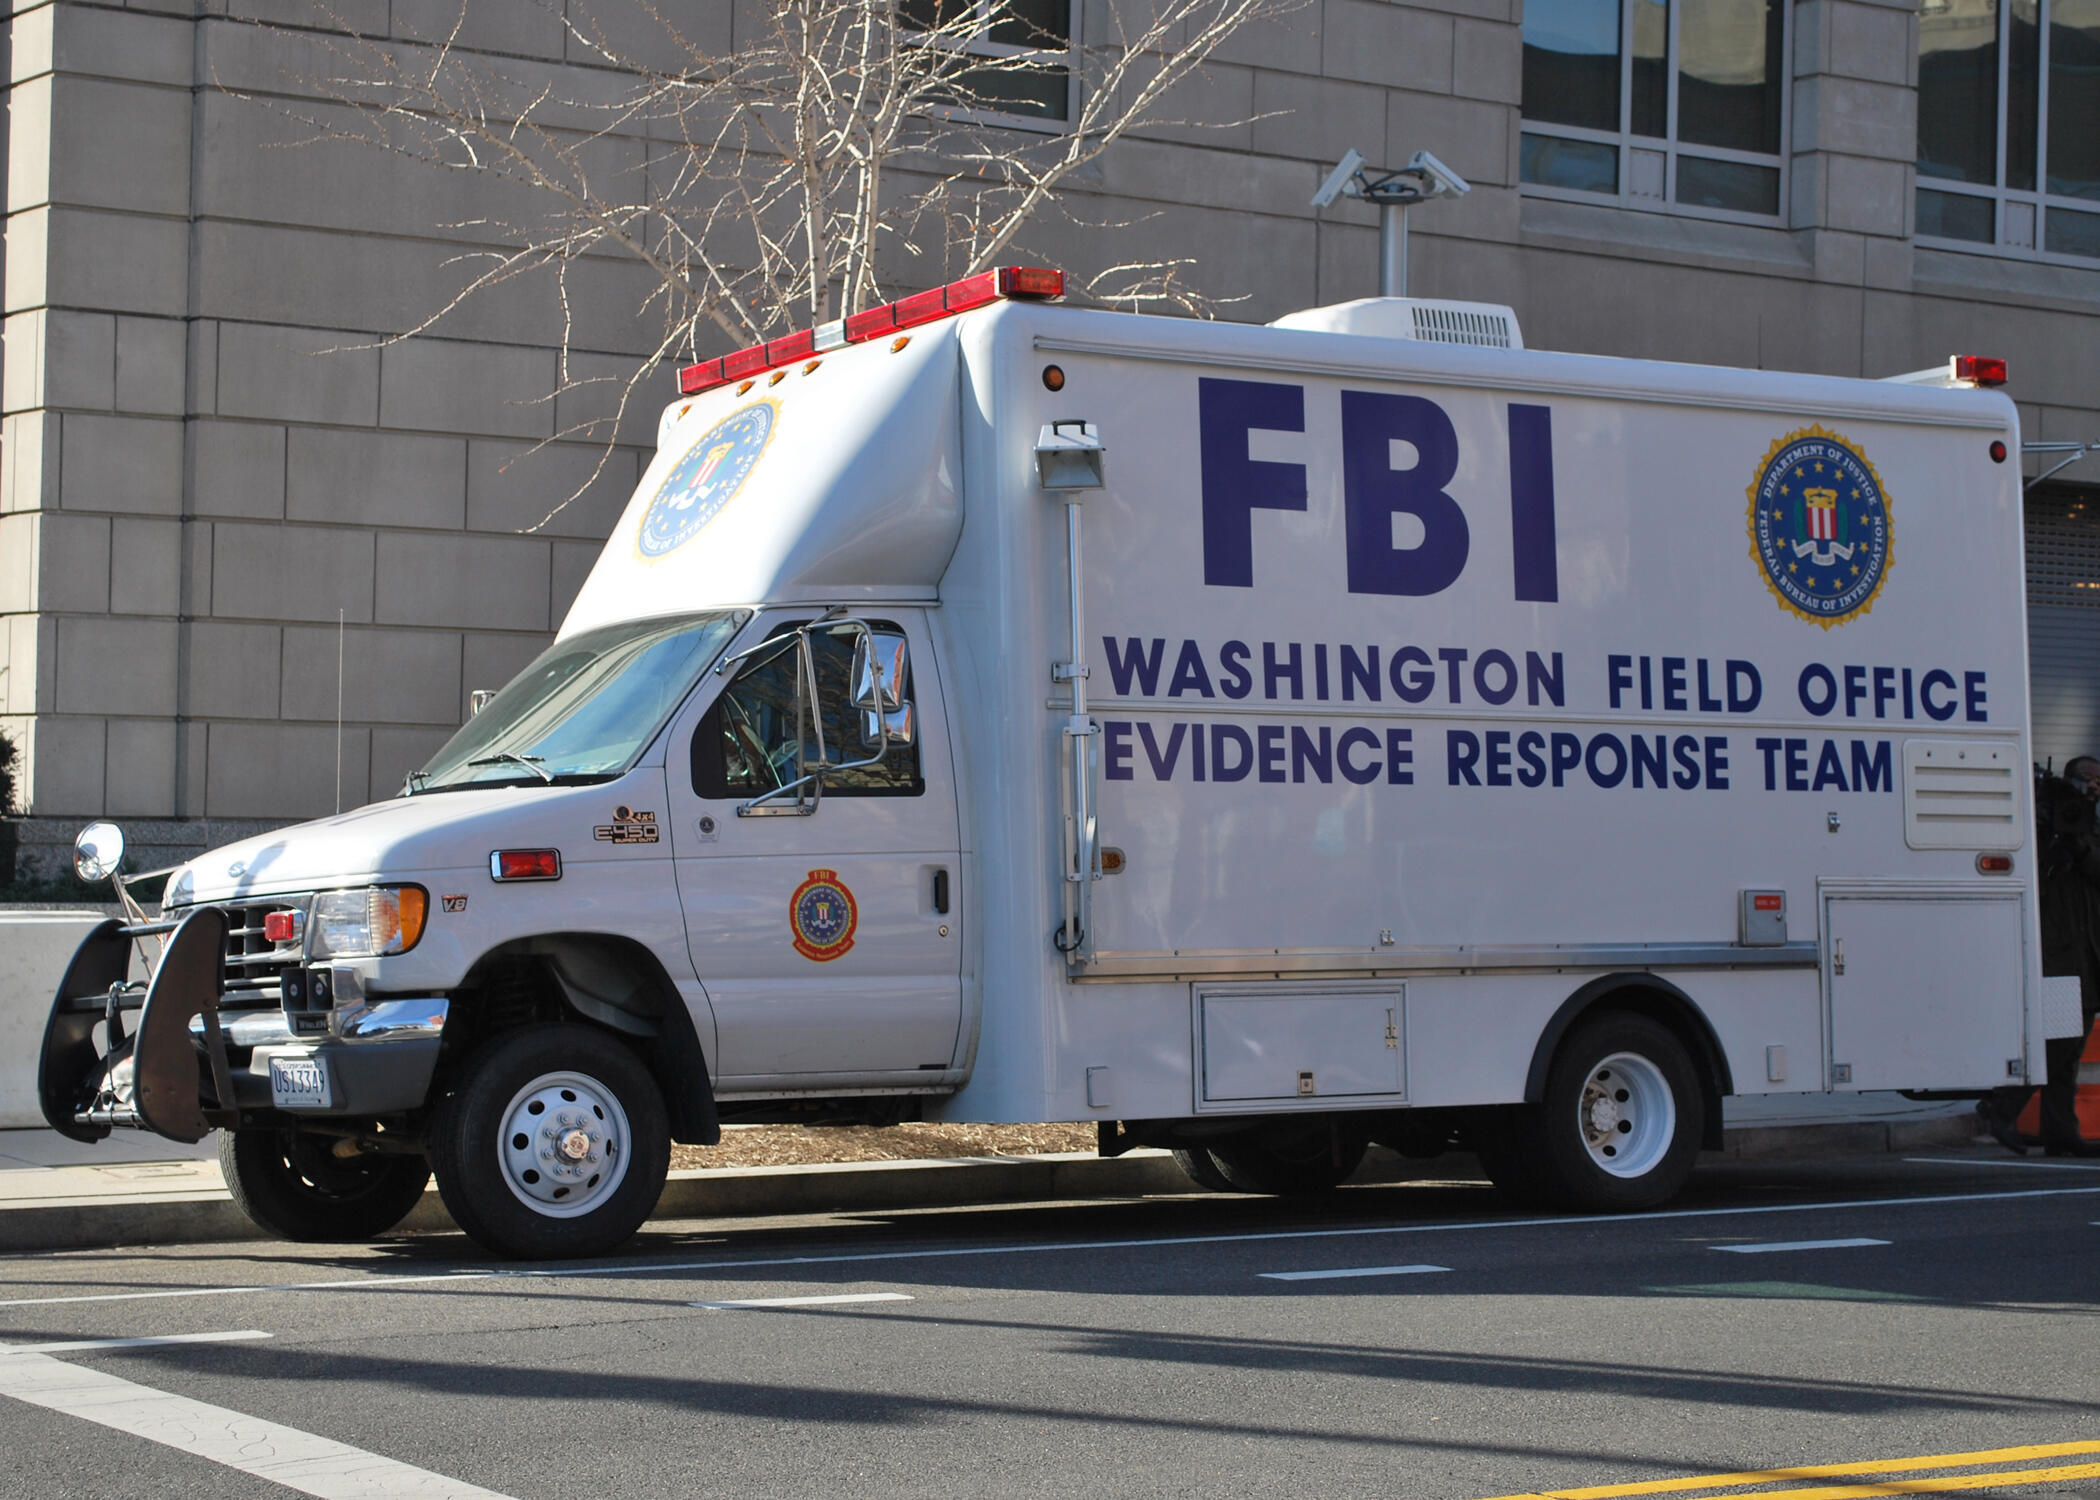 Передвижная лаборатория экспертов-криминалистов ФБР в Вашингтоне